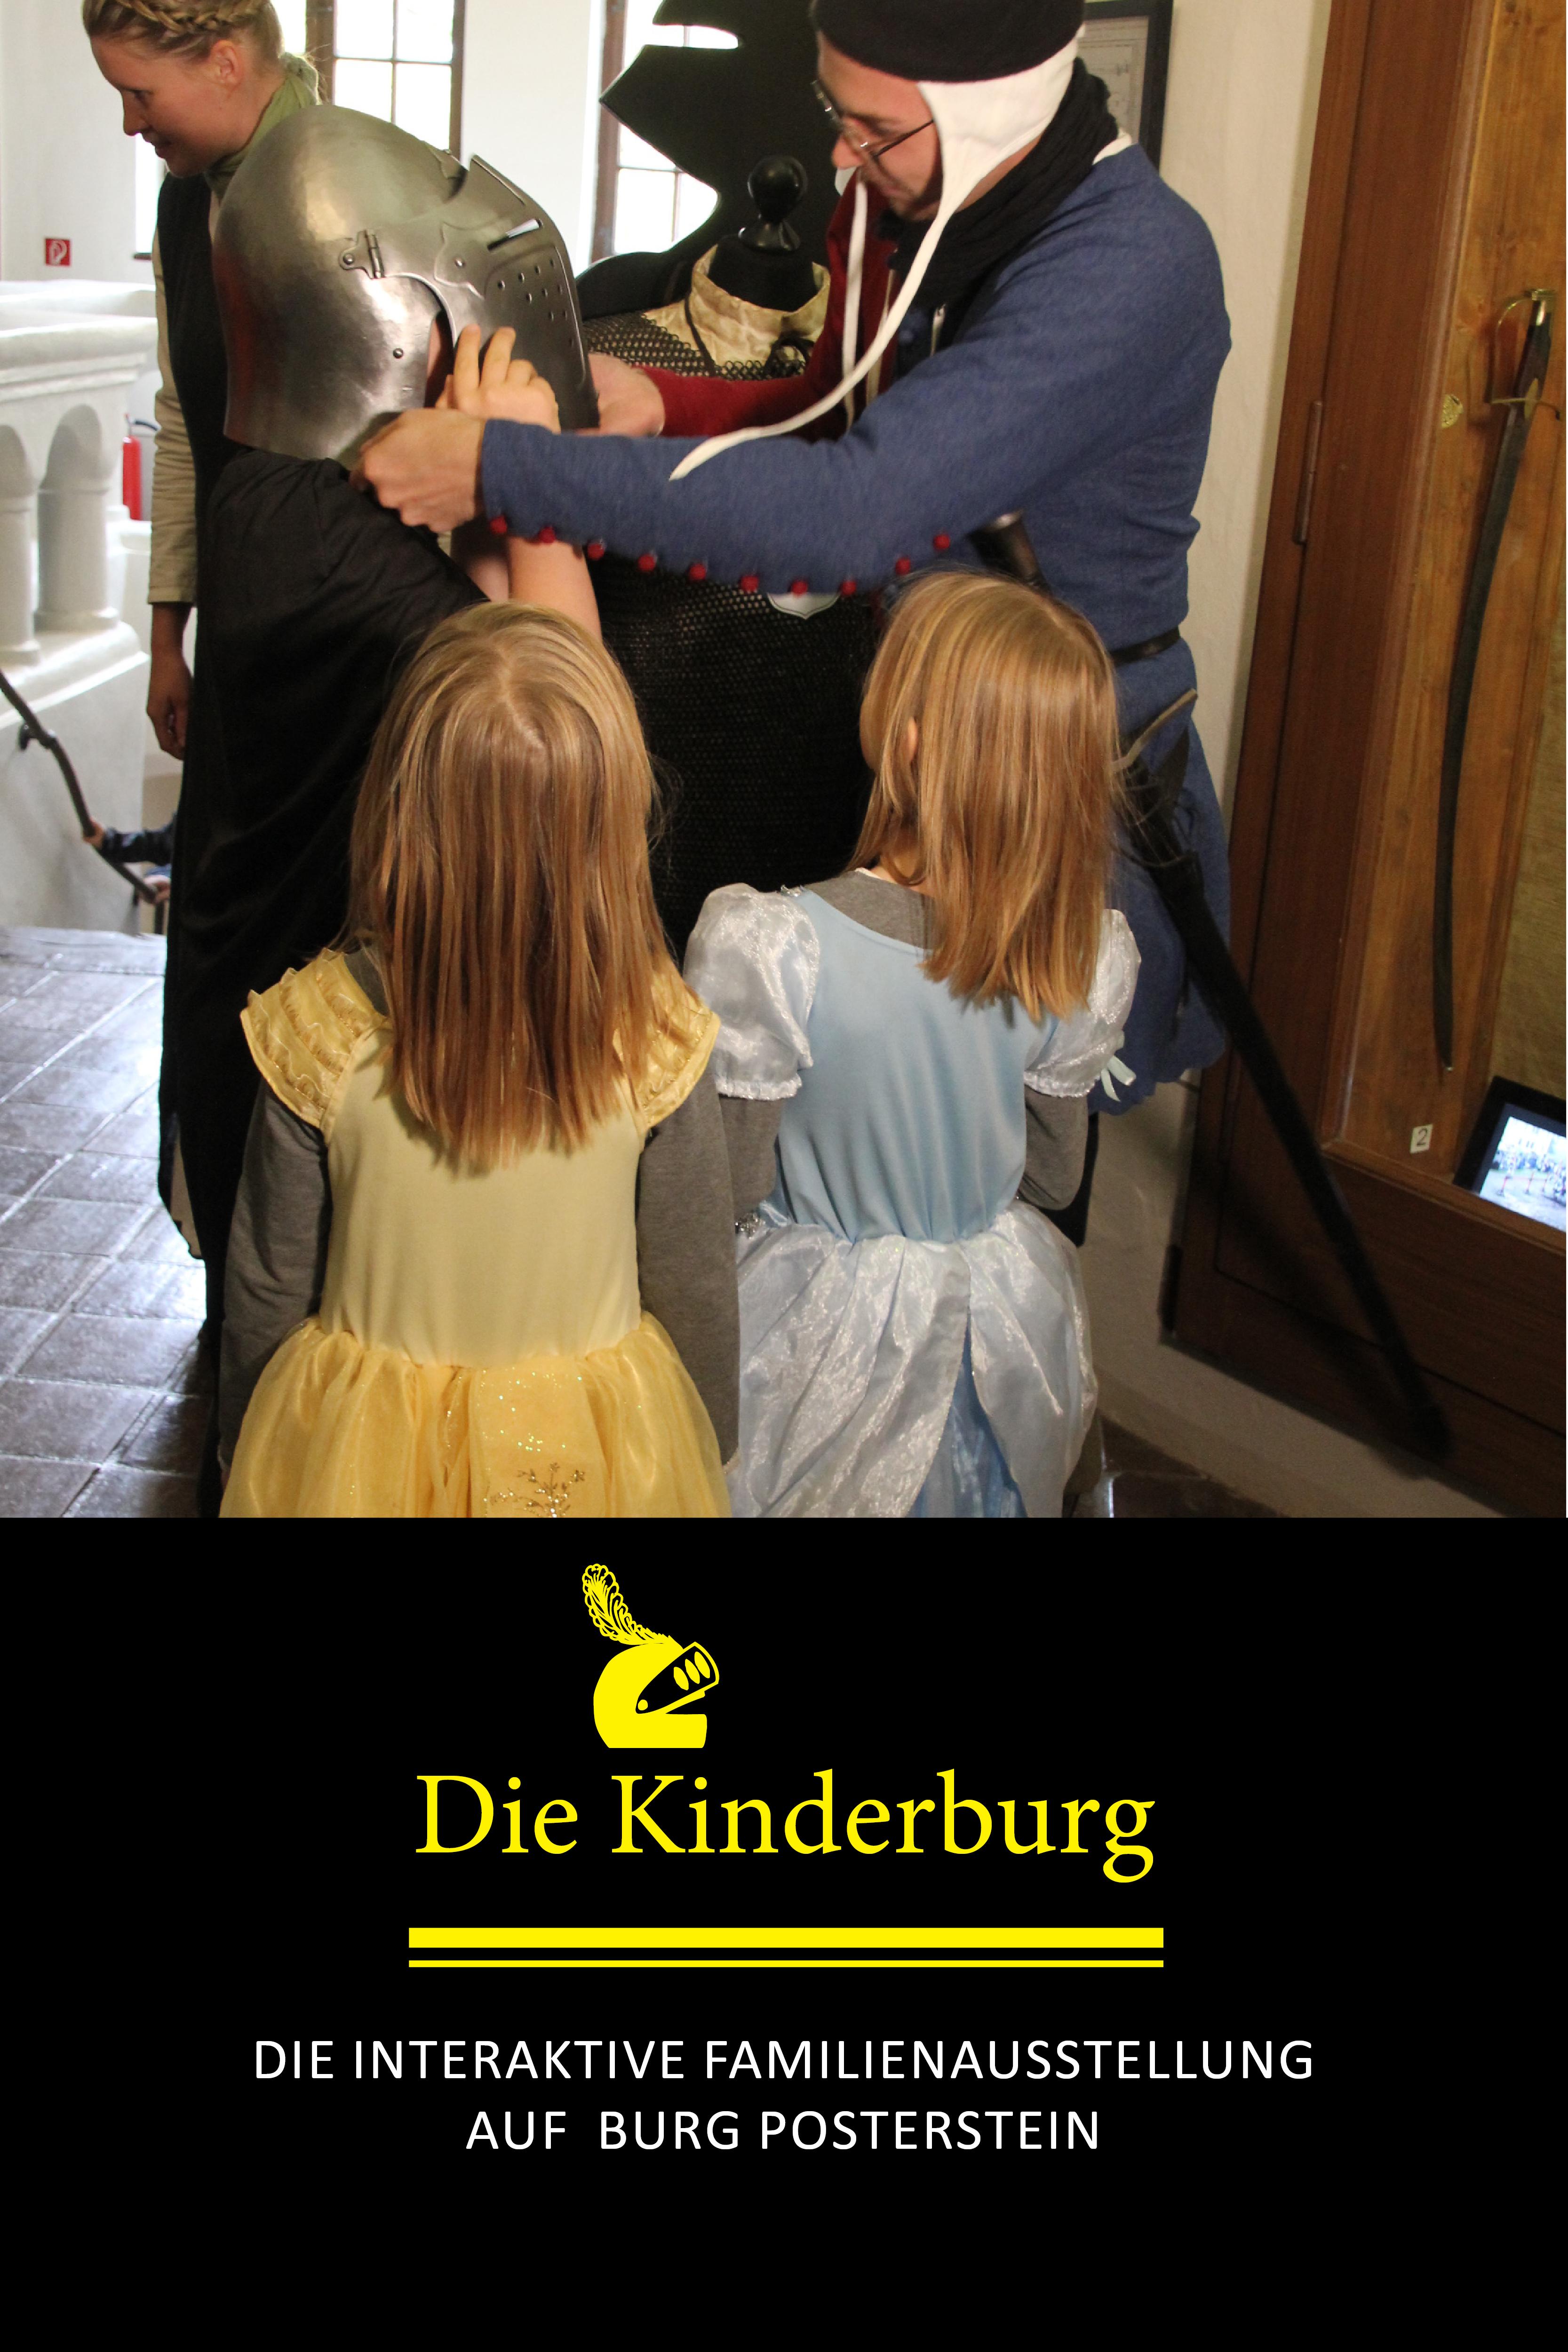 Die Ausrüstung eines Ritters anfassen - das kann man in der Familienausstellung Die Kinderburg auf Burg Postertsein.